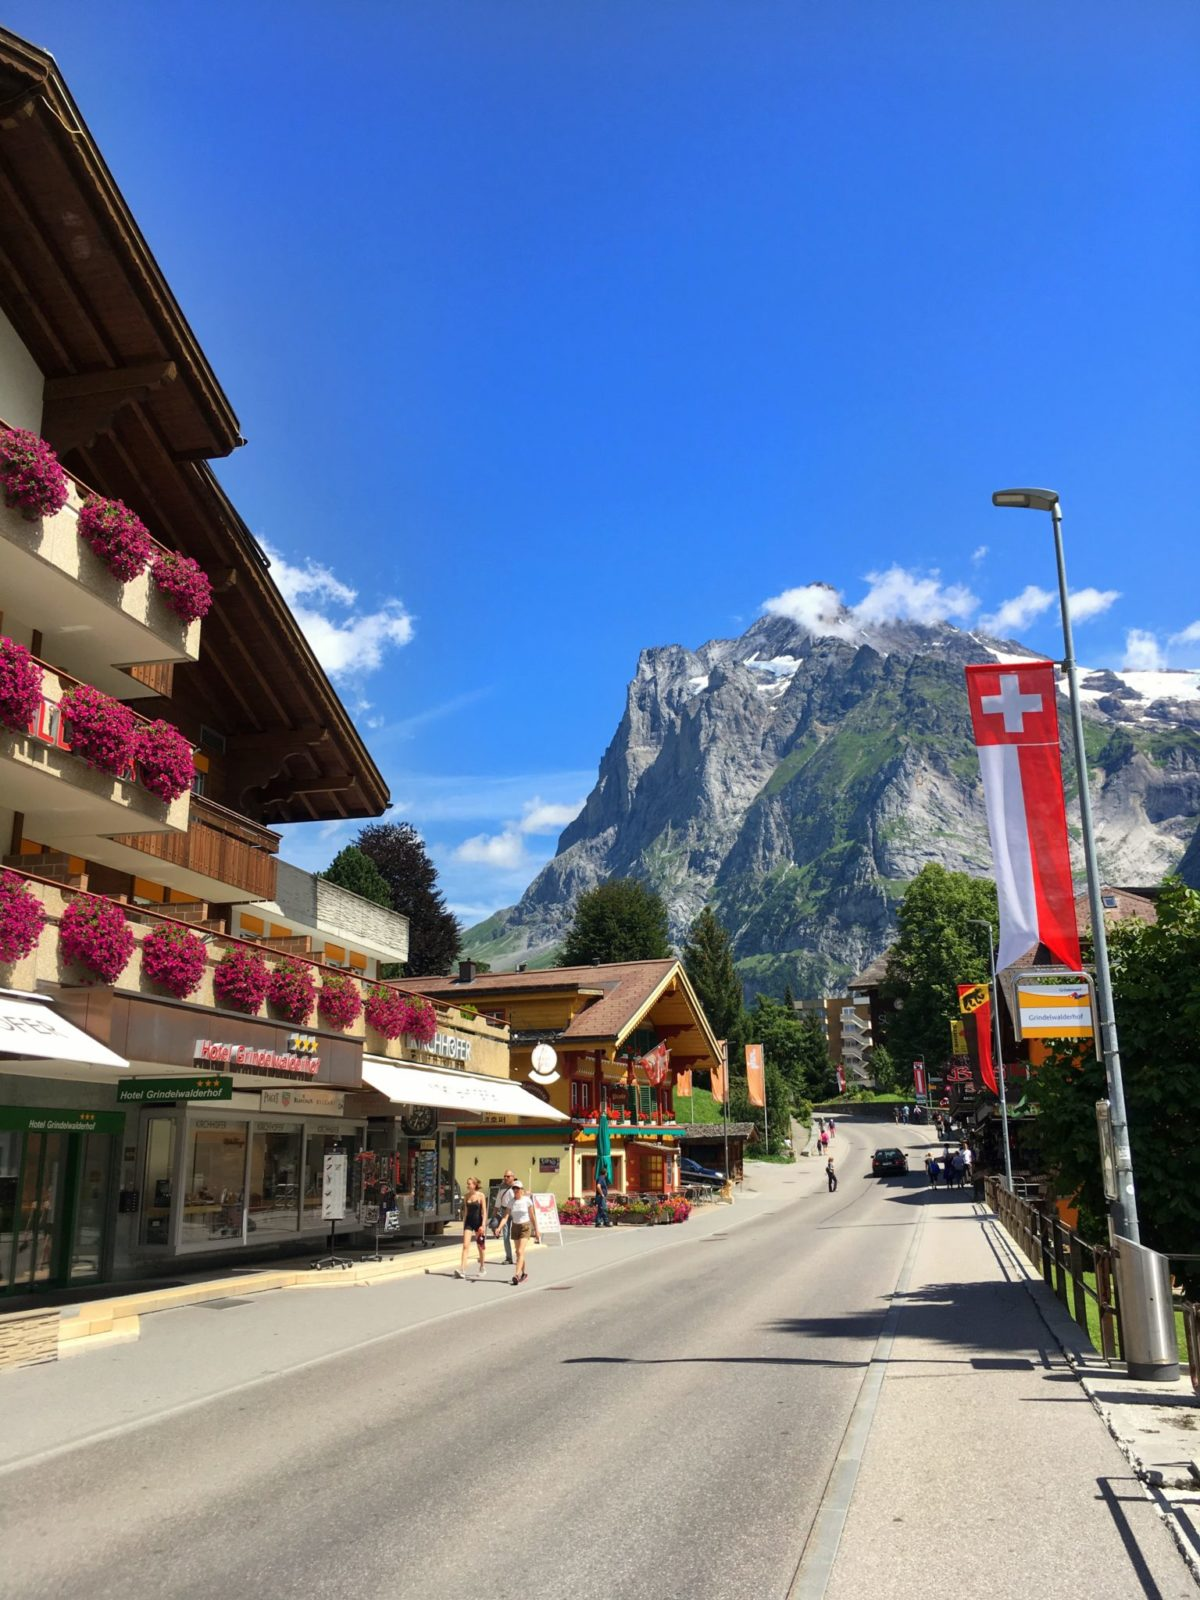 Улочки Гриндельвальда, Швейцария